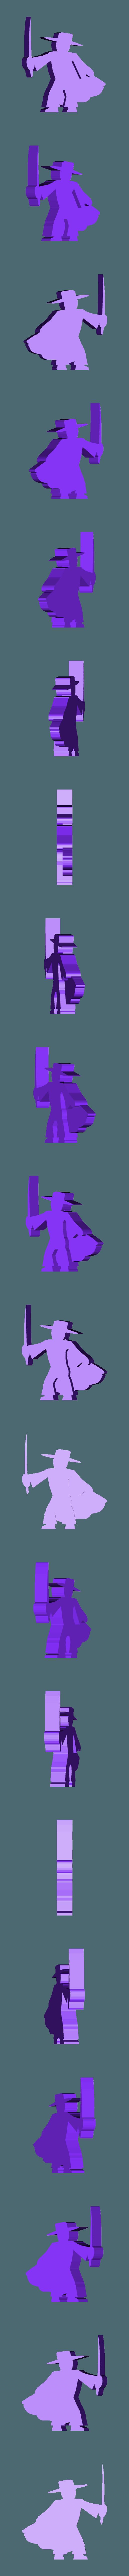 Zorro.stl Télécharger fichier STL gratuit Zorro Meeple • Design pour impression 3D, Ellie_Valkyrie